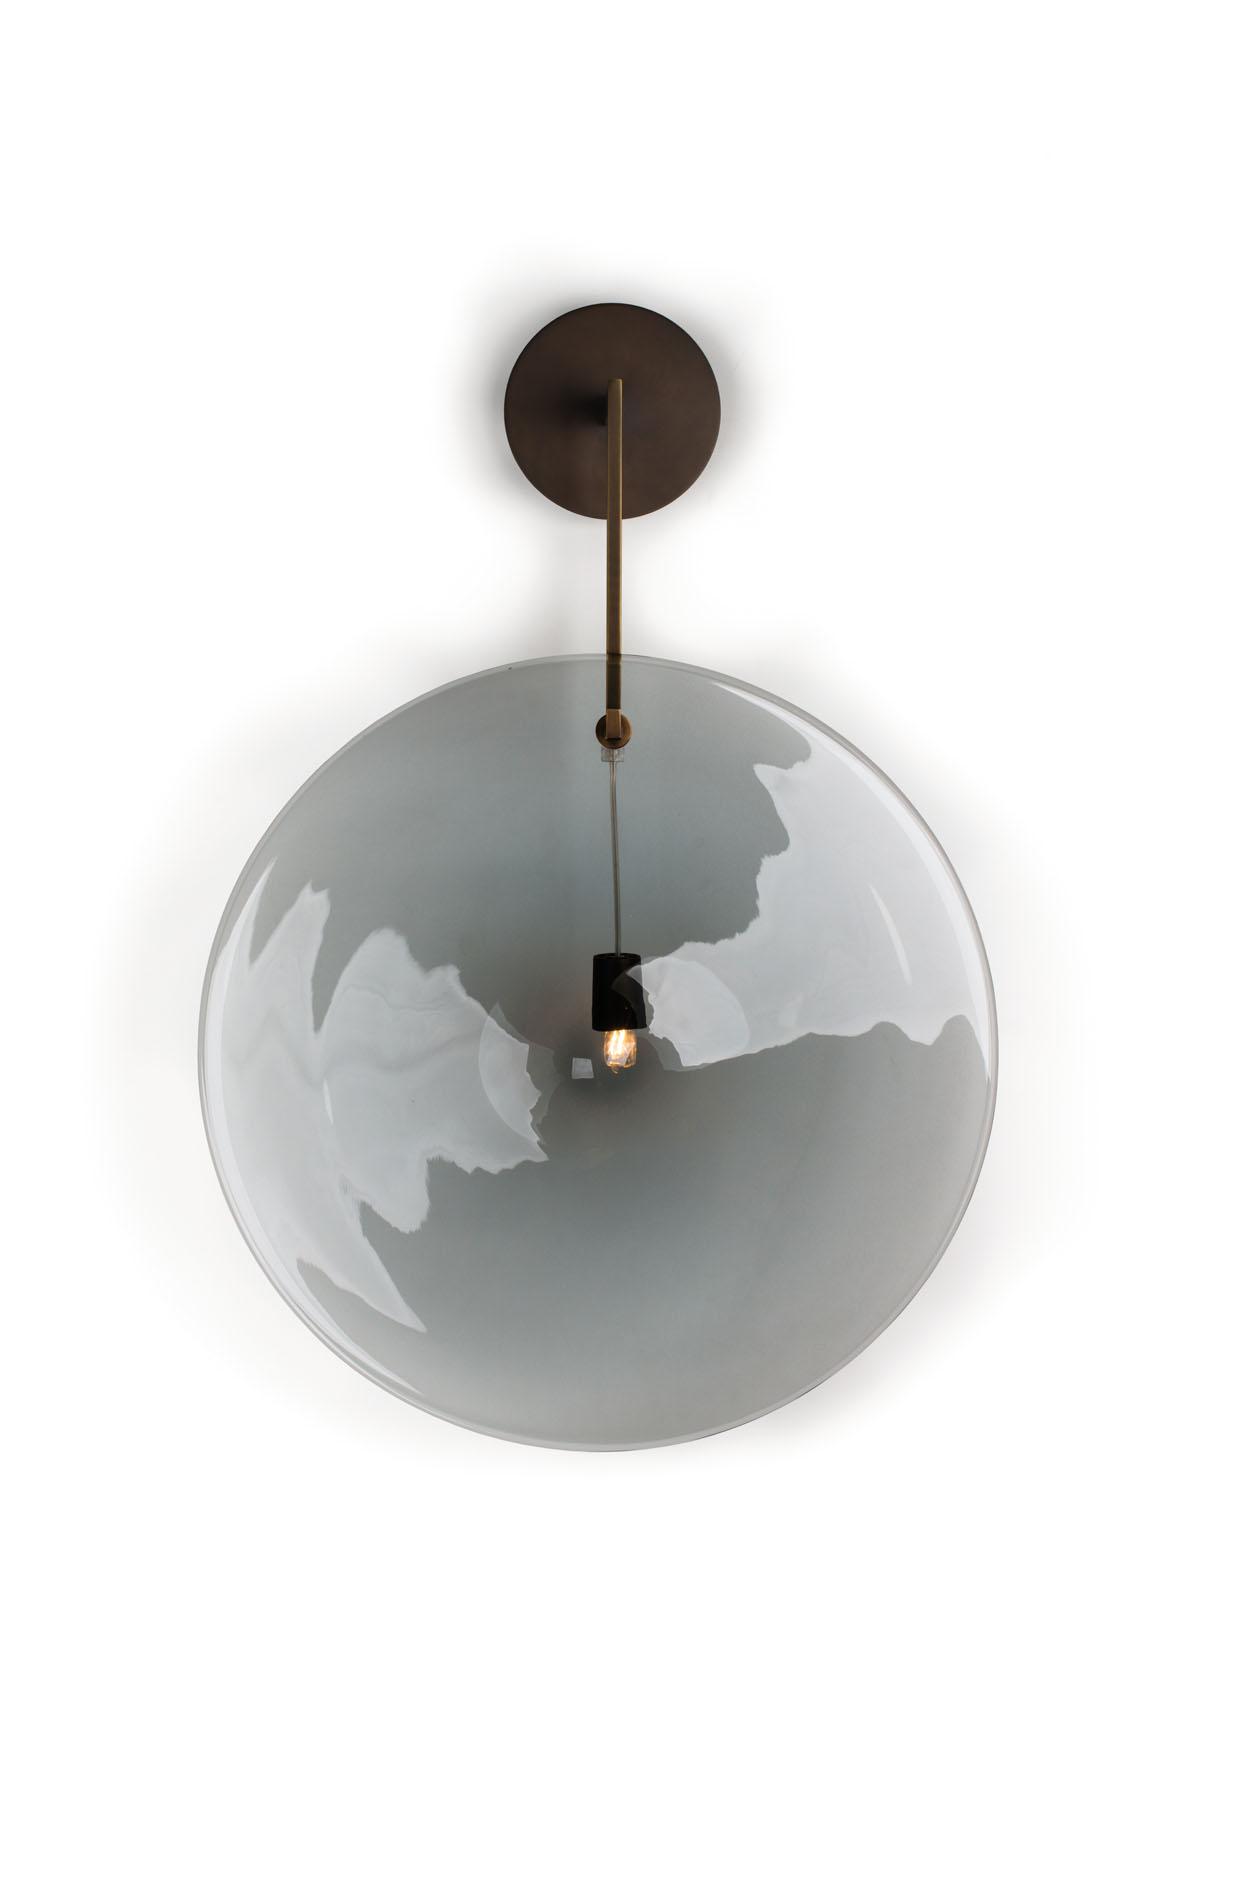 orbe-applique-wall-sconce-grey-bronze-patrick-naggar-veronese.jpg